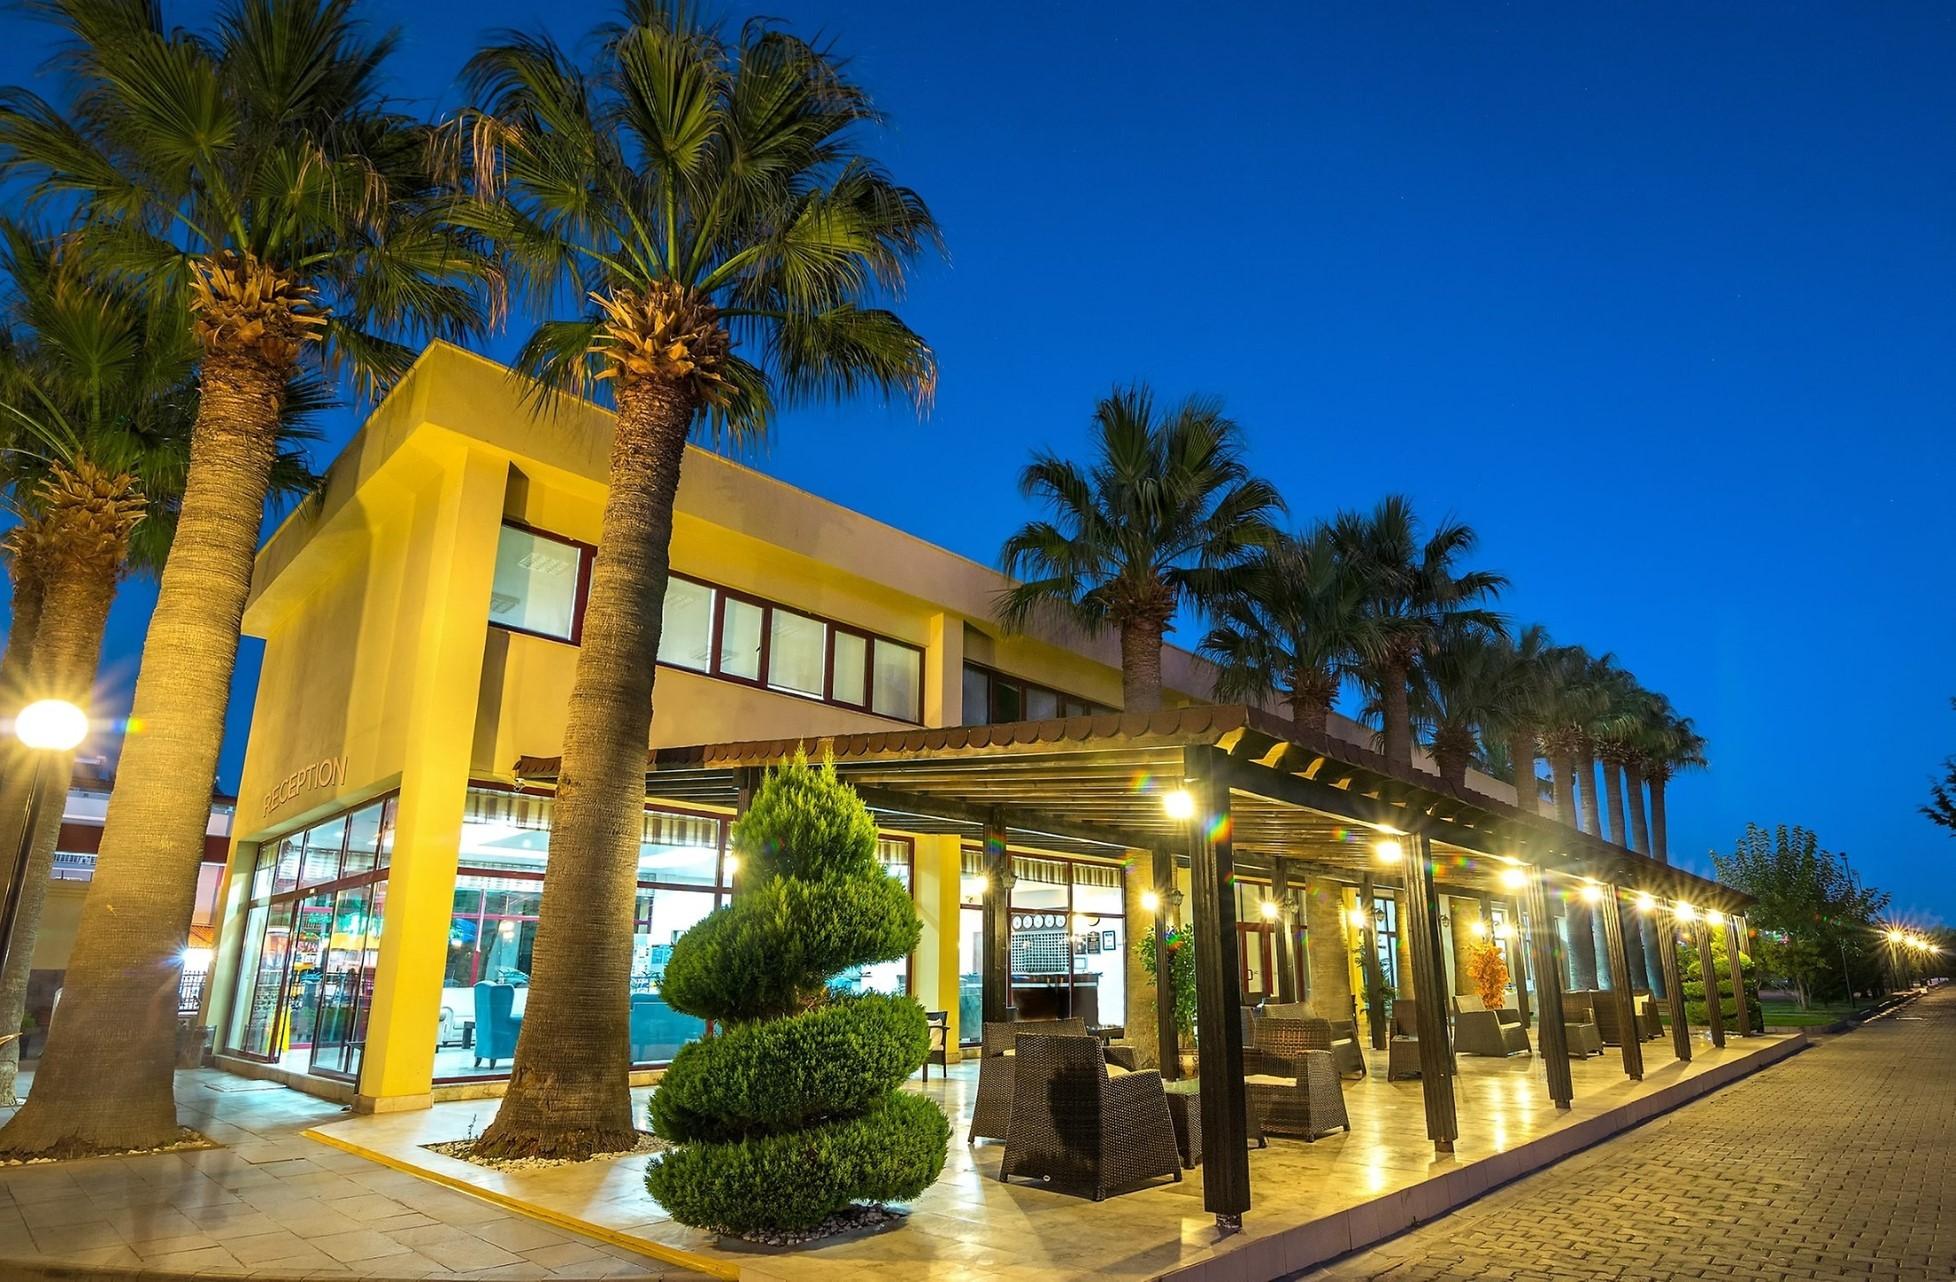 Gumuldur Resort Hotel - нощен изглед